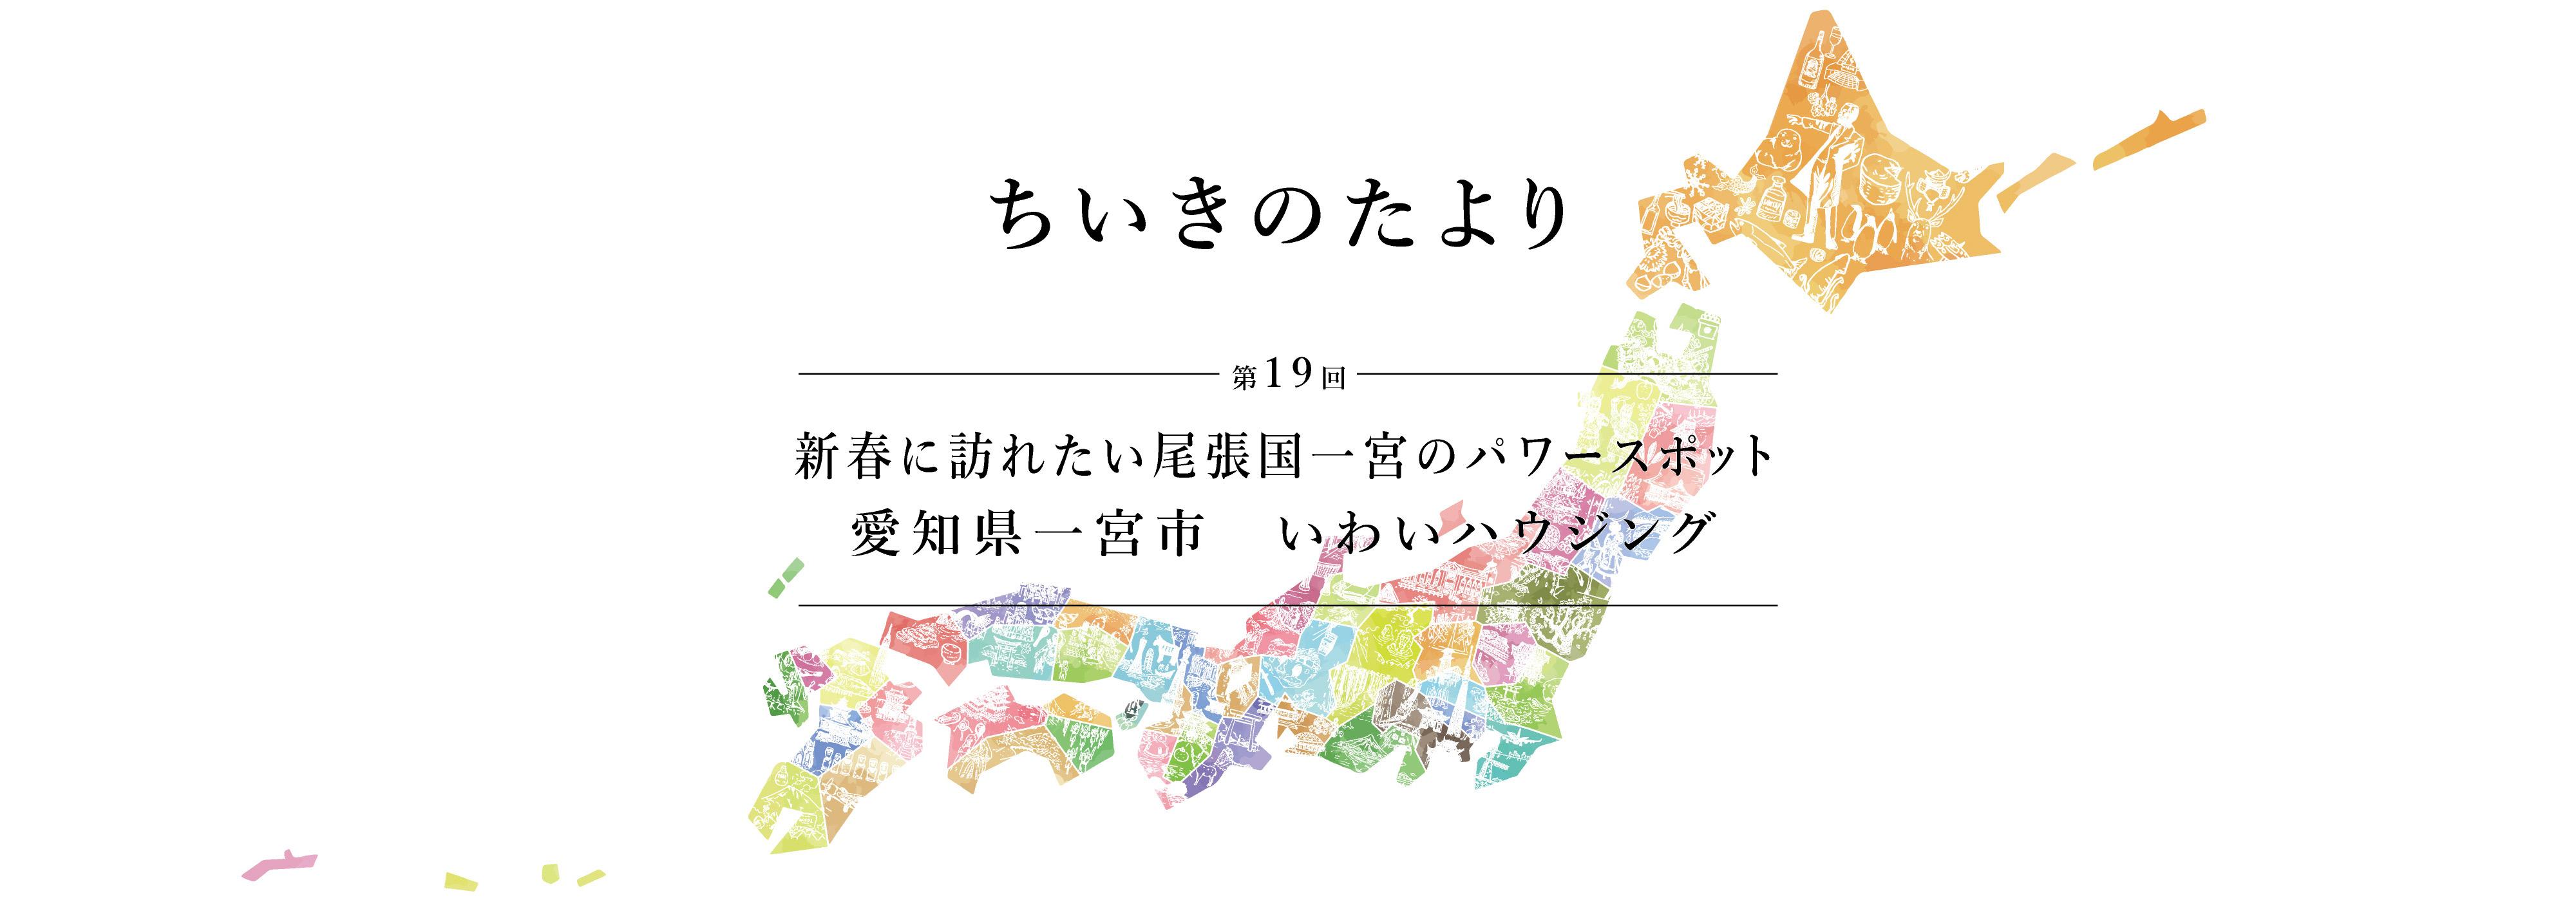 ちいきのたより第19話新春に訪れたい尾張国一宮のパワースポット 愛知県一宮市 いわいハウジング